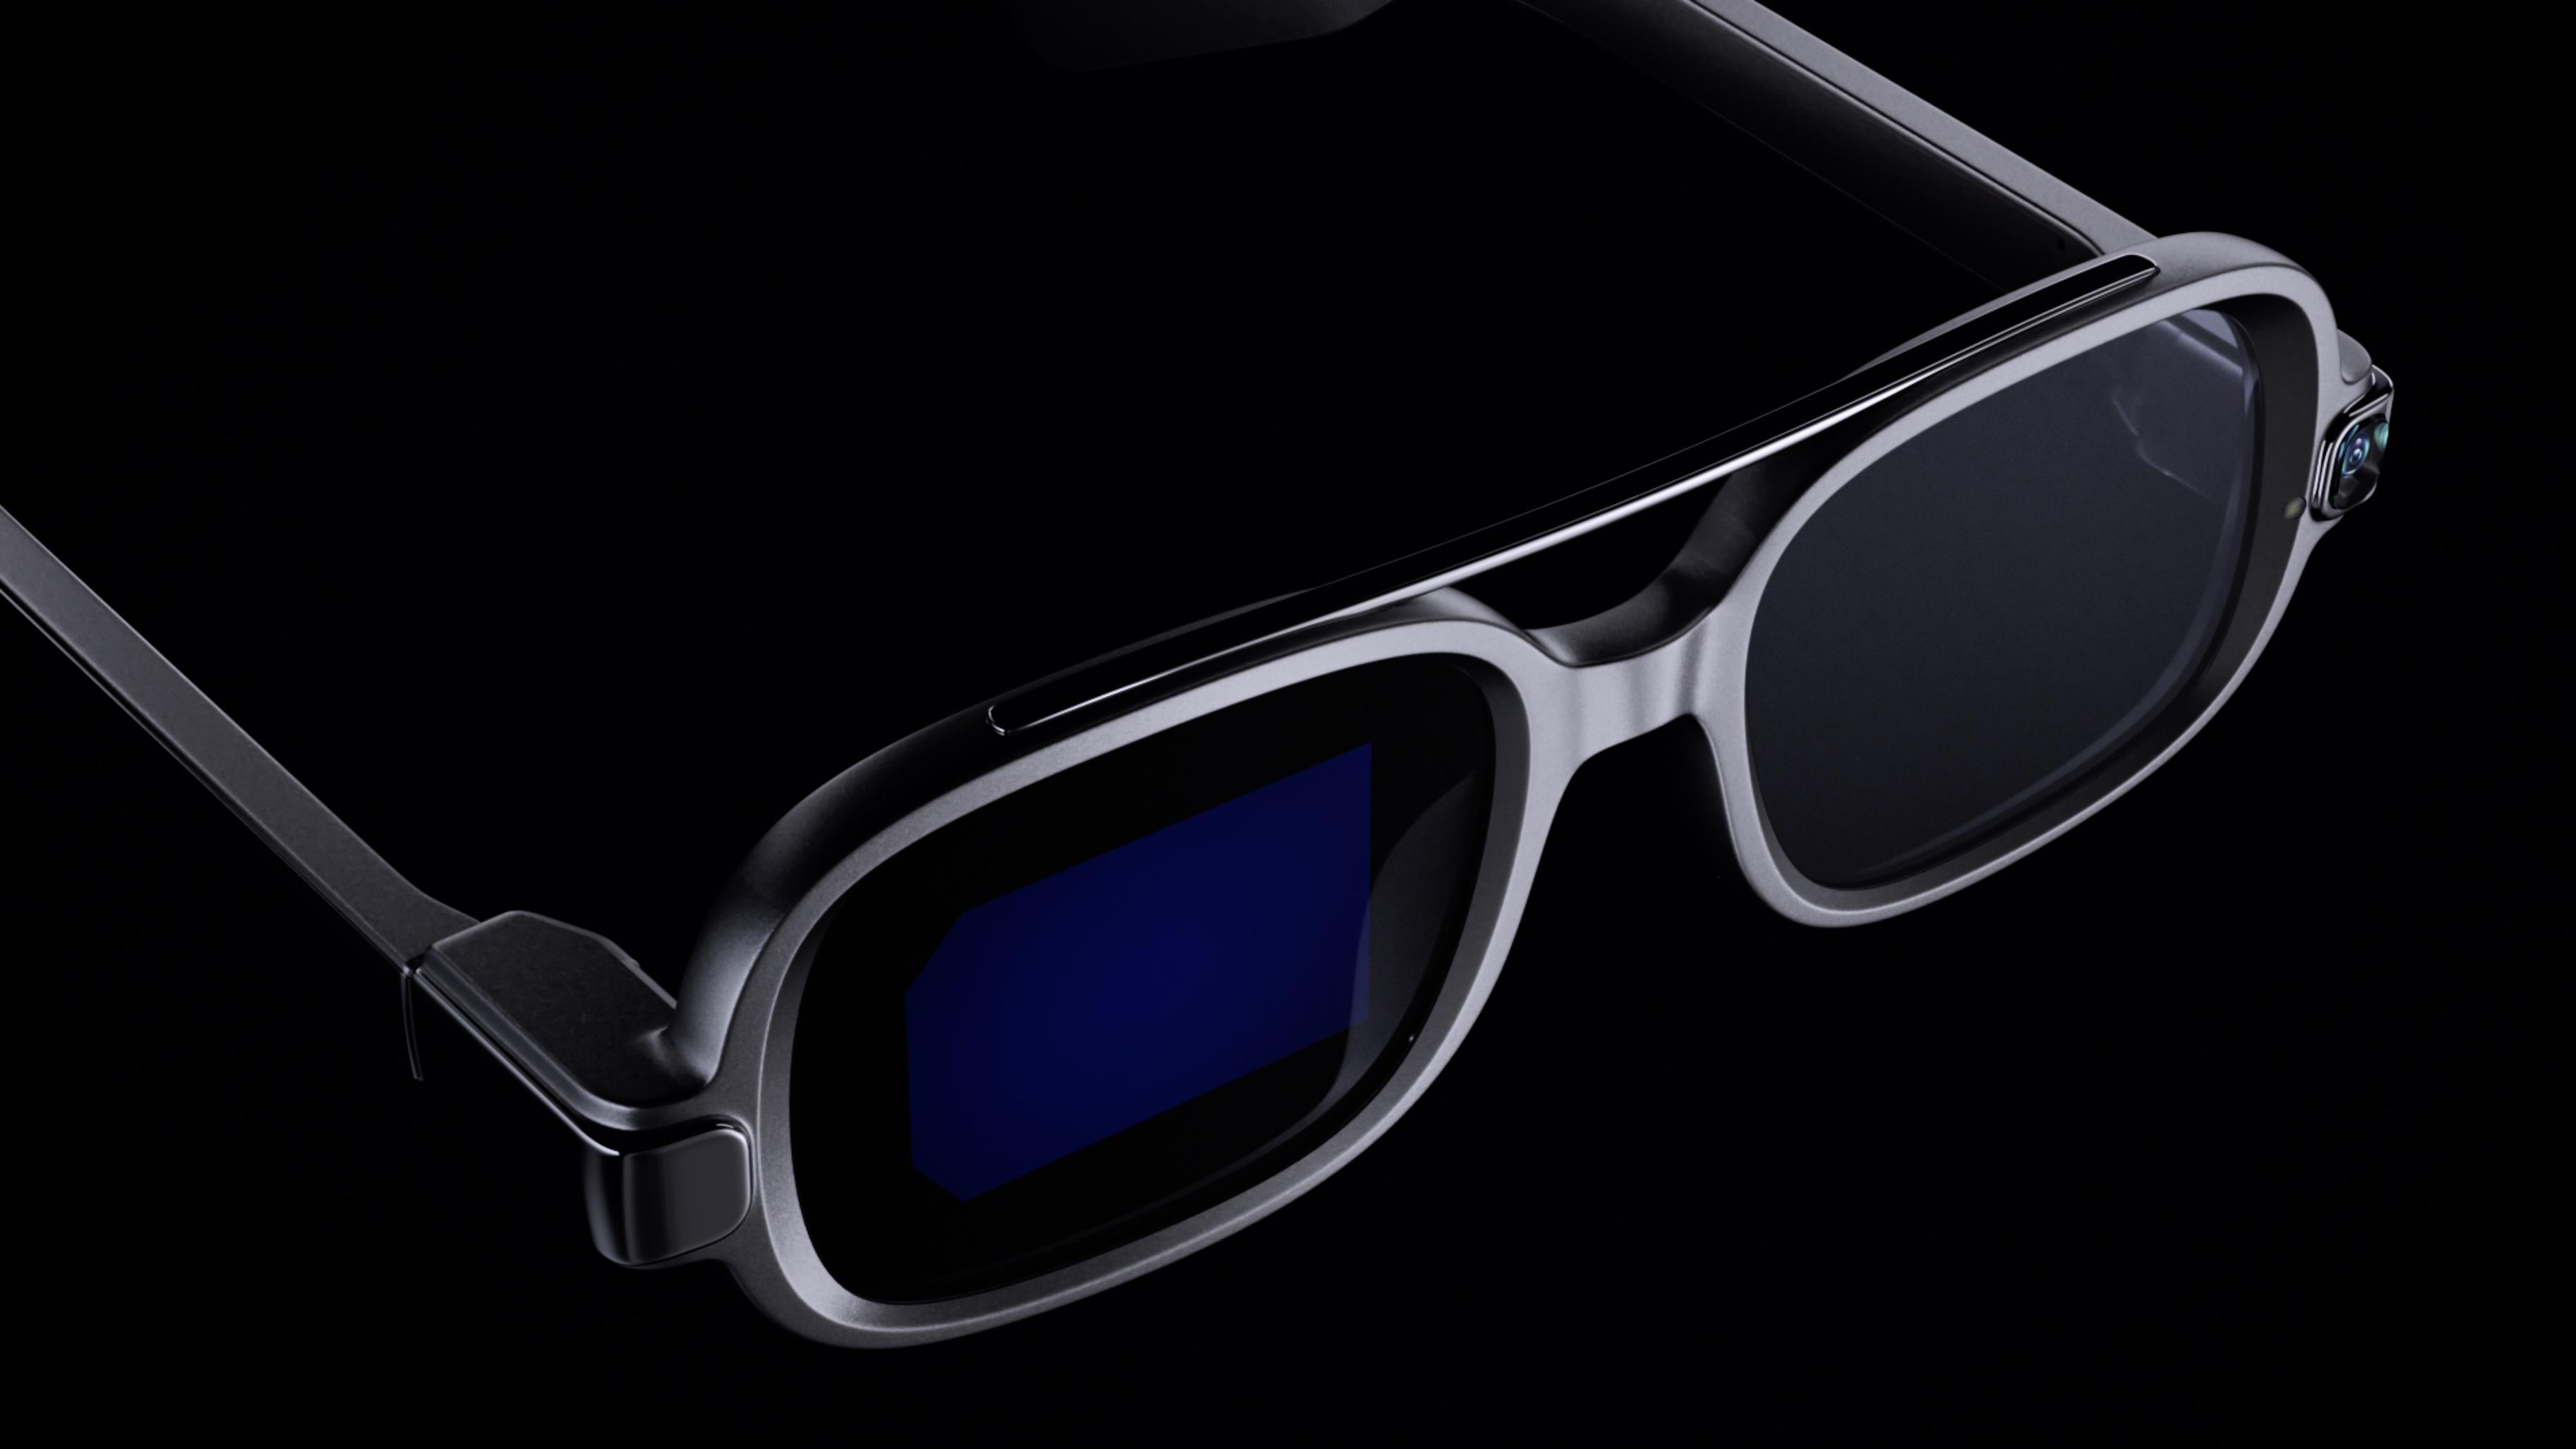 Xiaomi представила умные очки с переводом текста прямо перед глазами